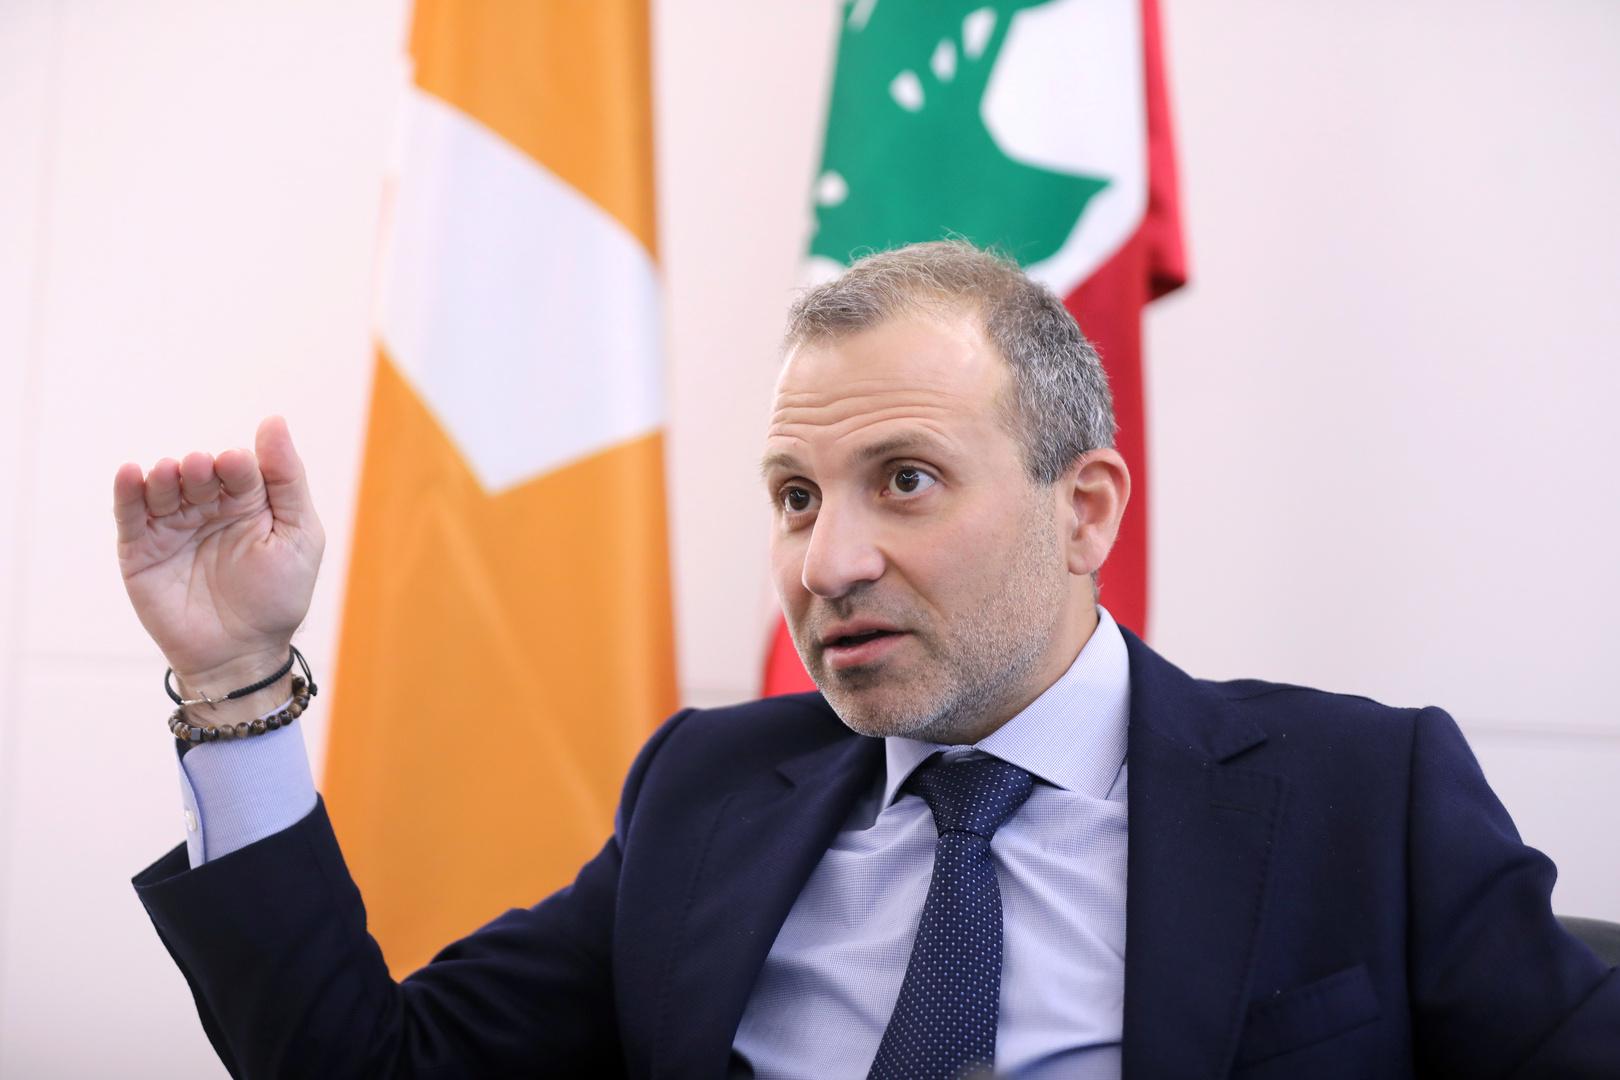 حزب عون يطرح مخرجا لأزمة تشكيل الحكومة في لبنان